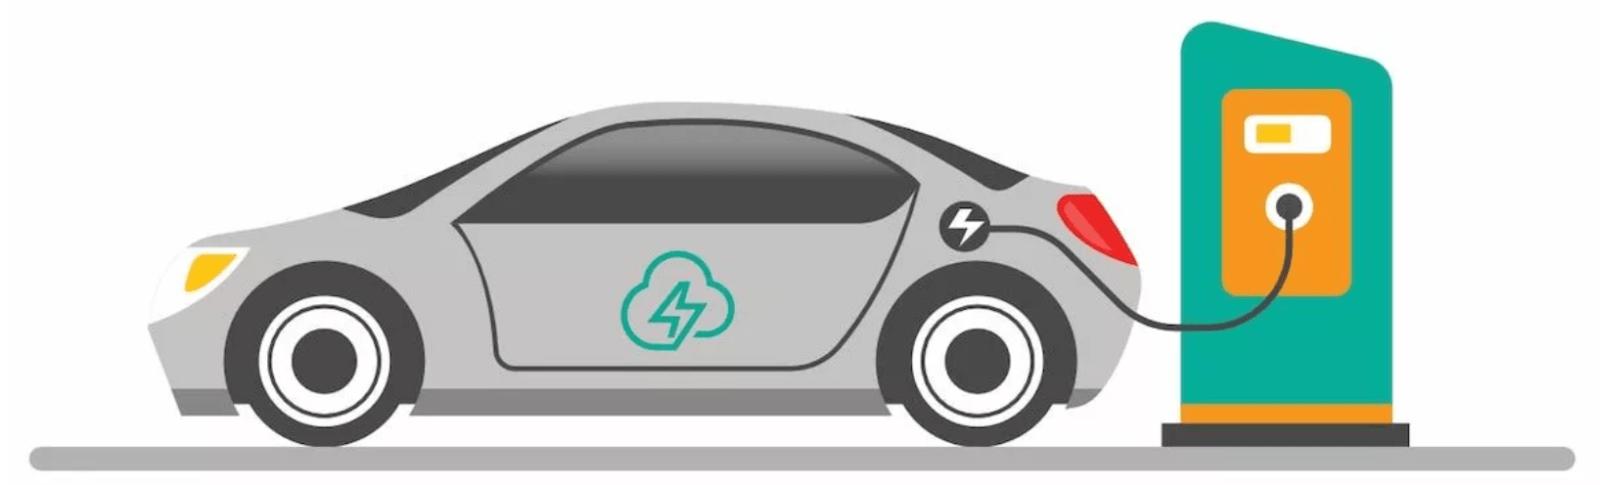 מה דעתך על תחזוקה של רכב חשמלי